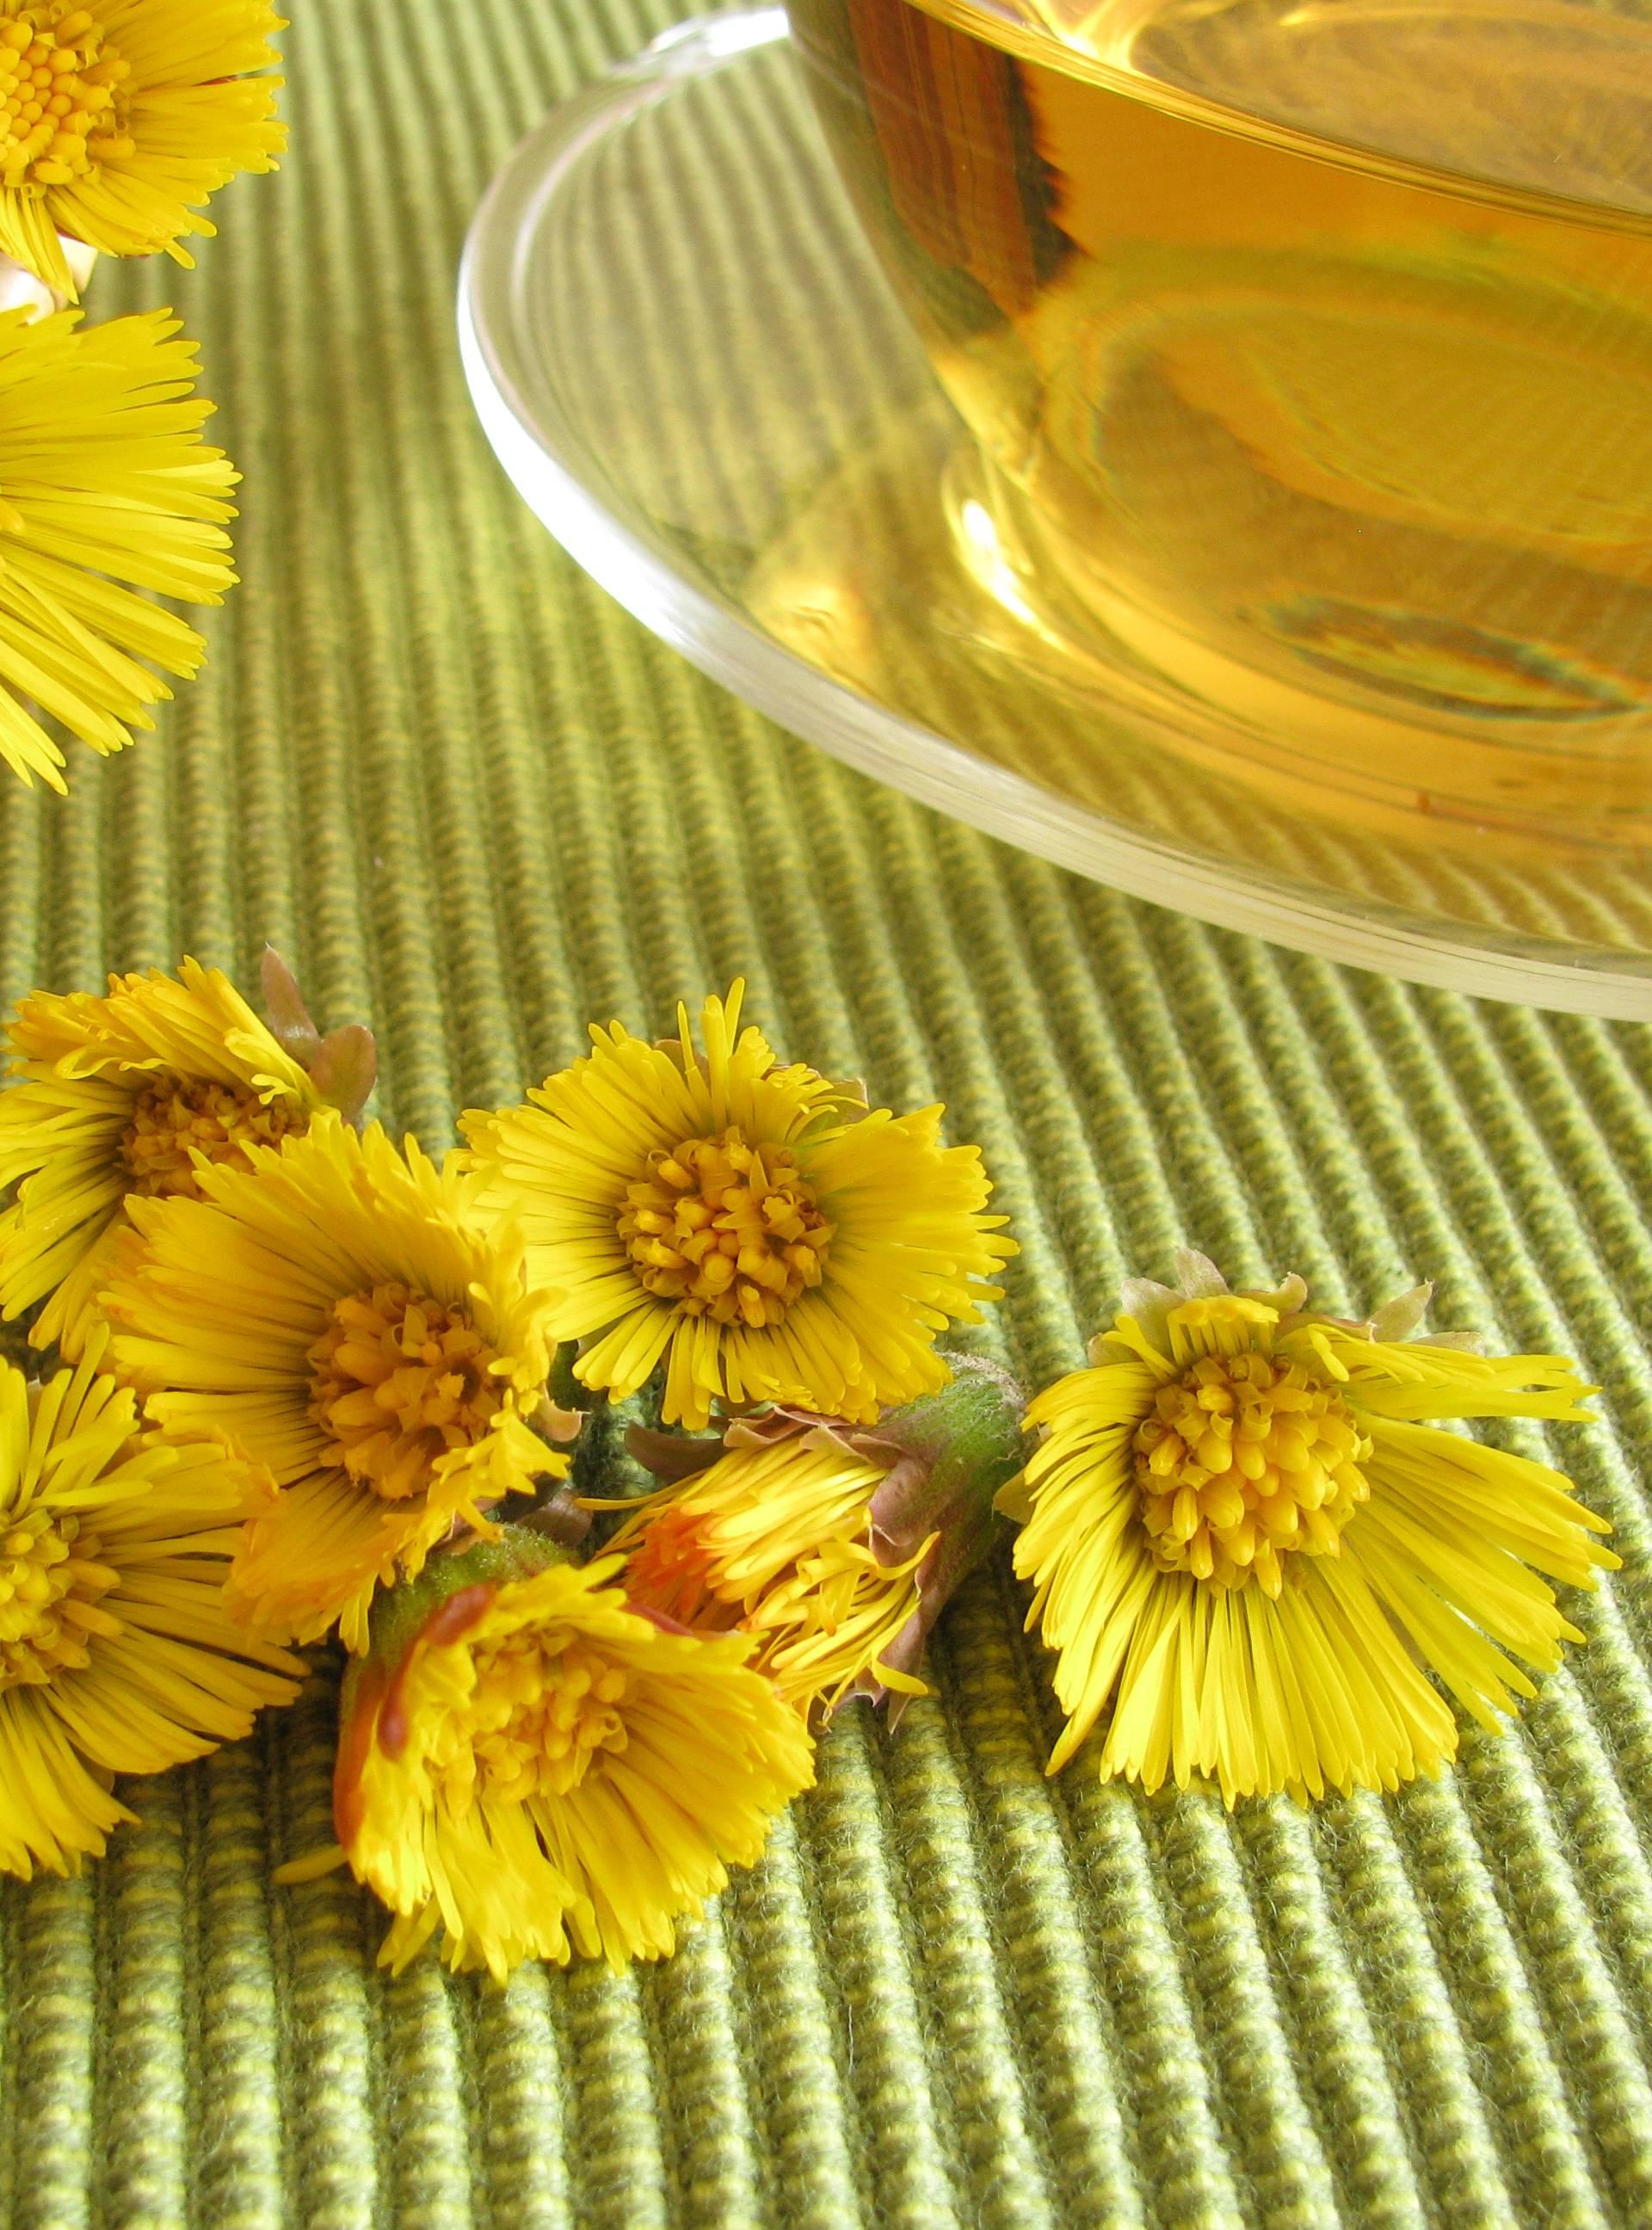 Cvjetovi podbjela jestivi su te pomažu protiv kašlja i ekcema